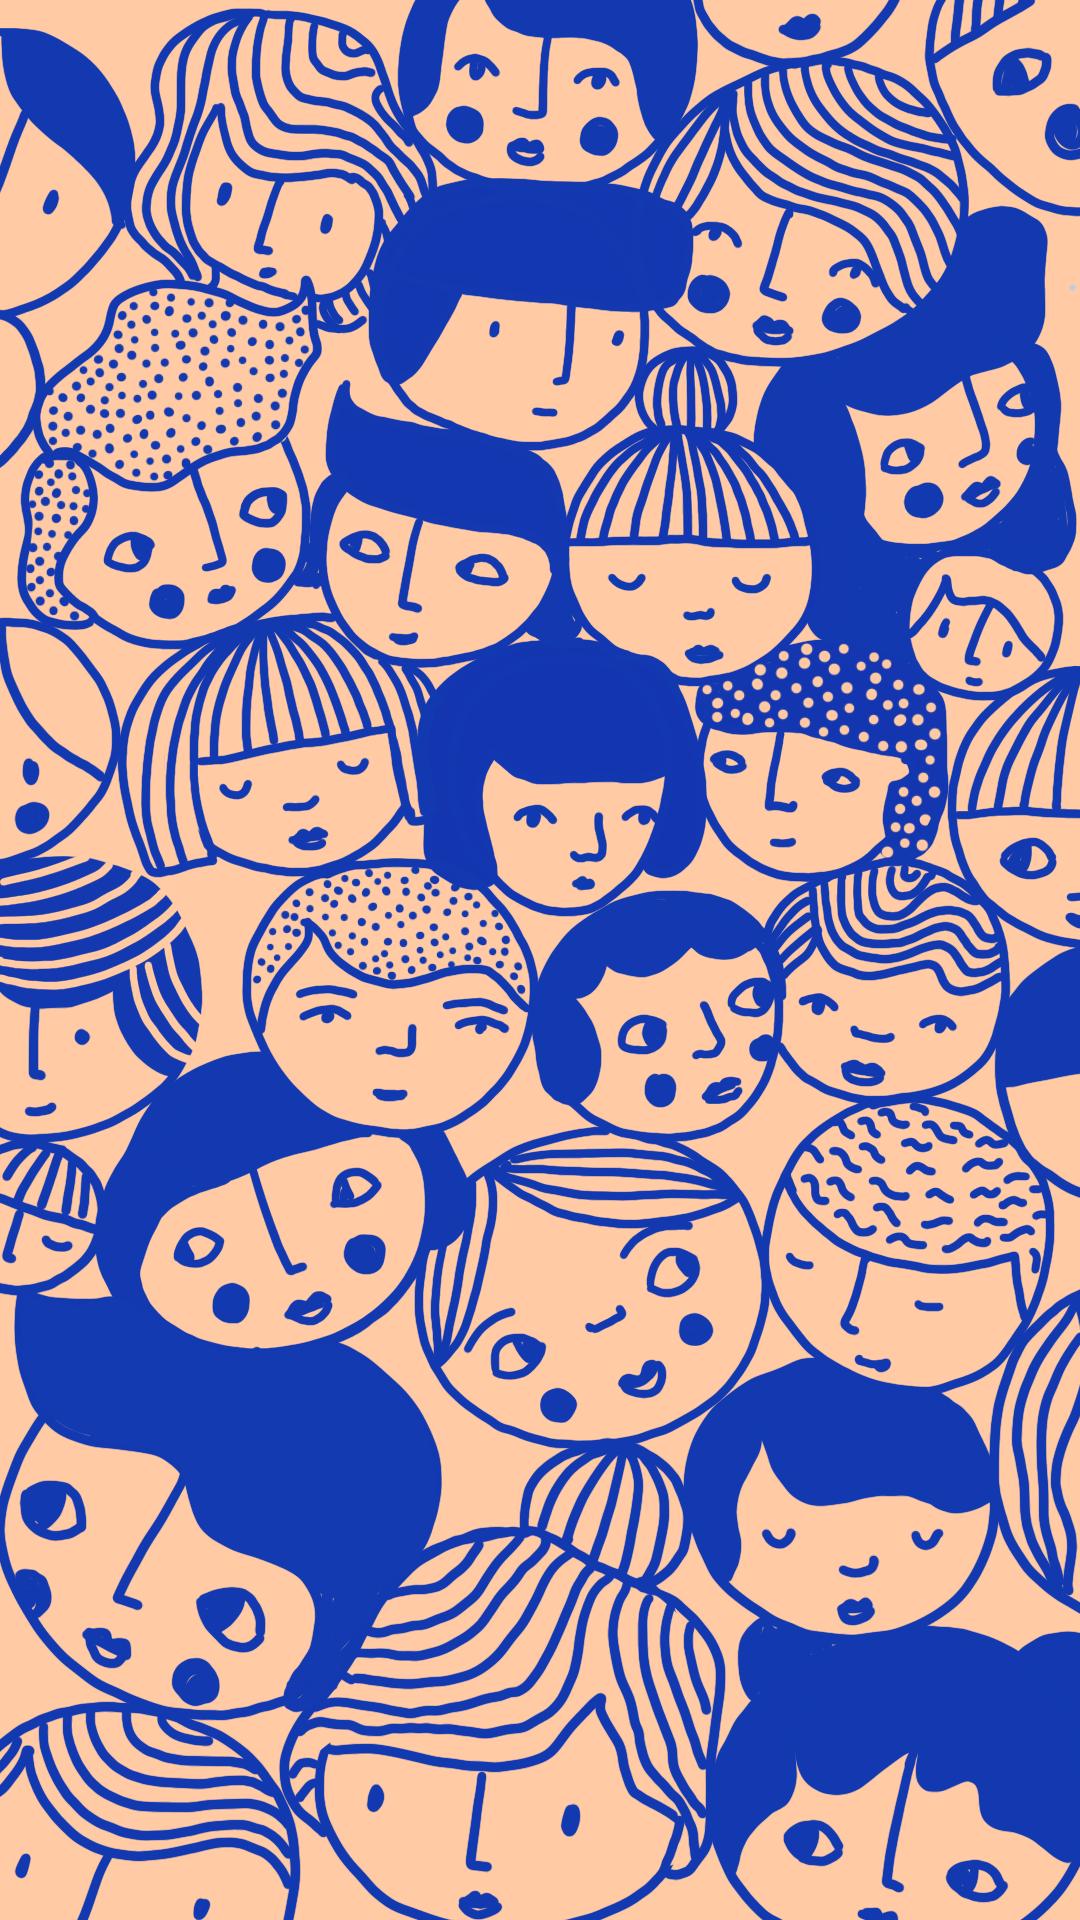 Phone wallpaper- Keely Reyes